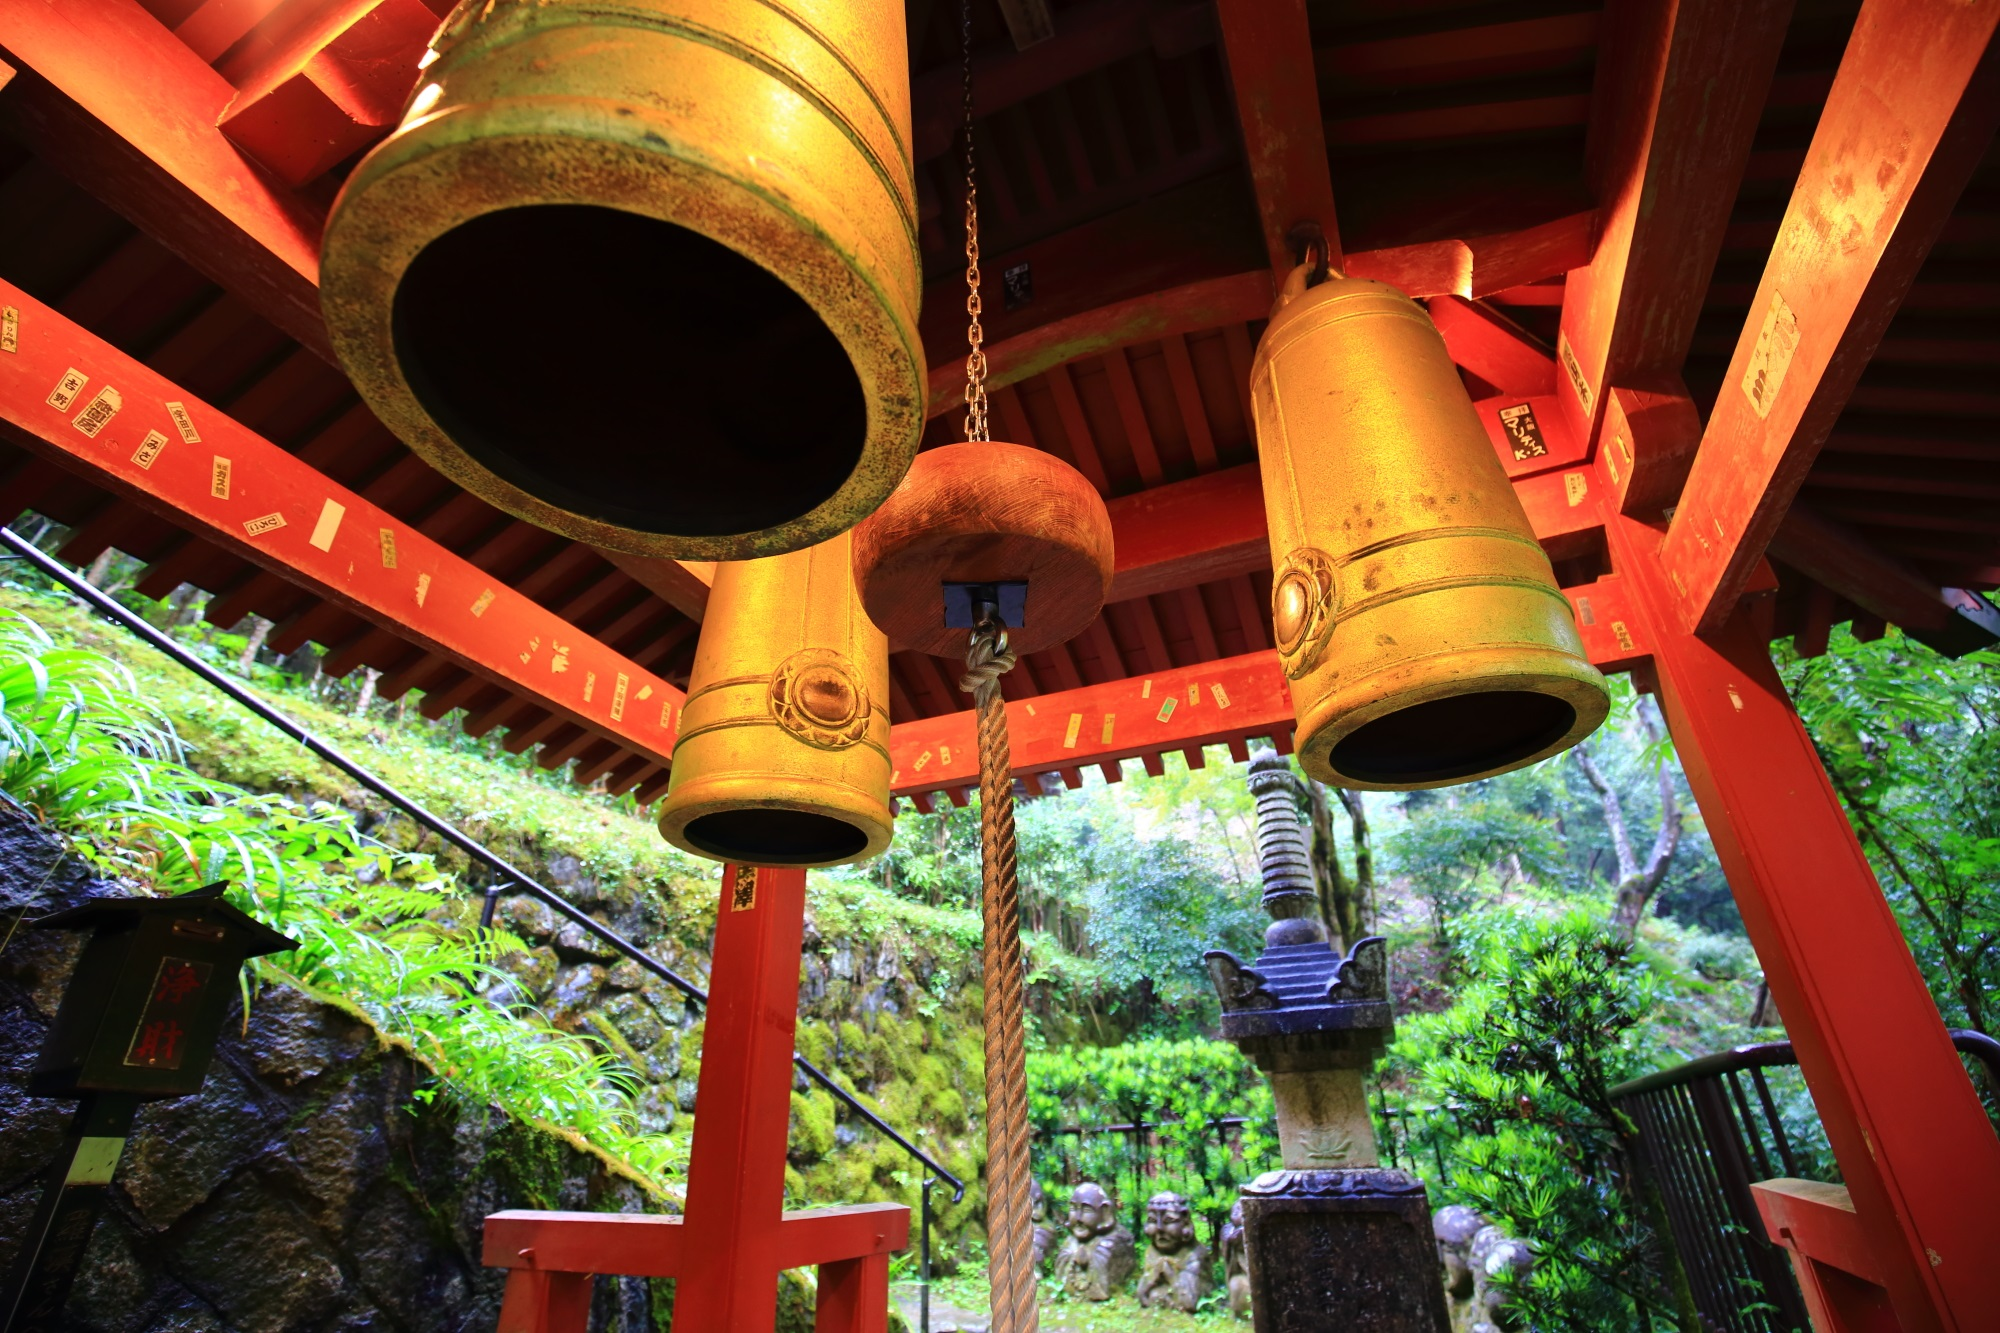 愛宕念仏寺 三宝の鐘